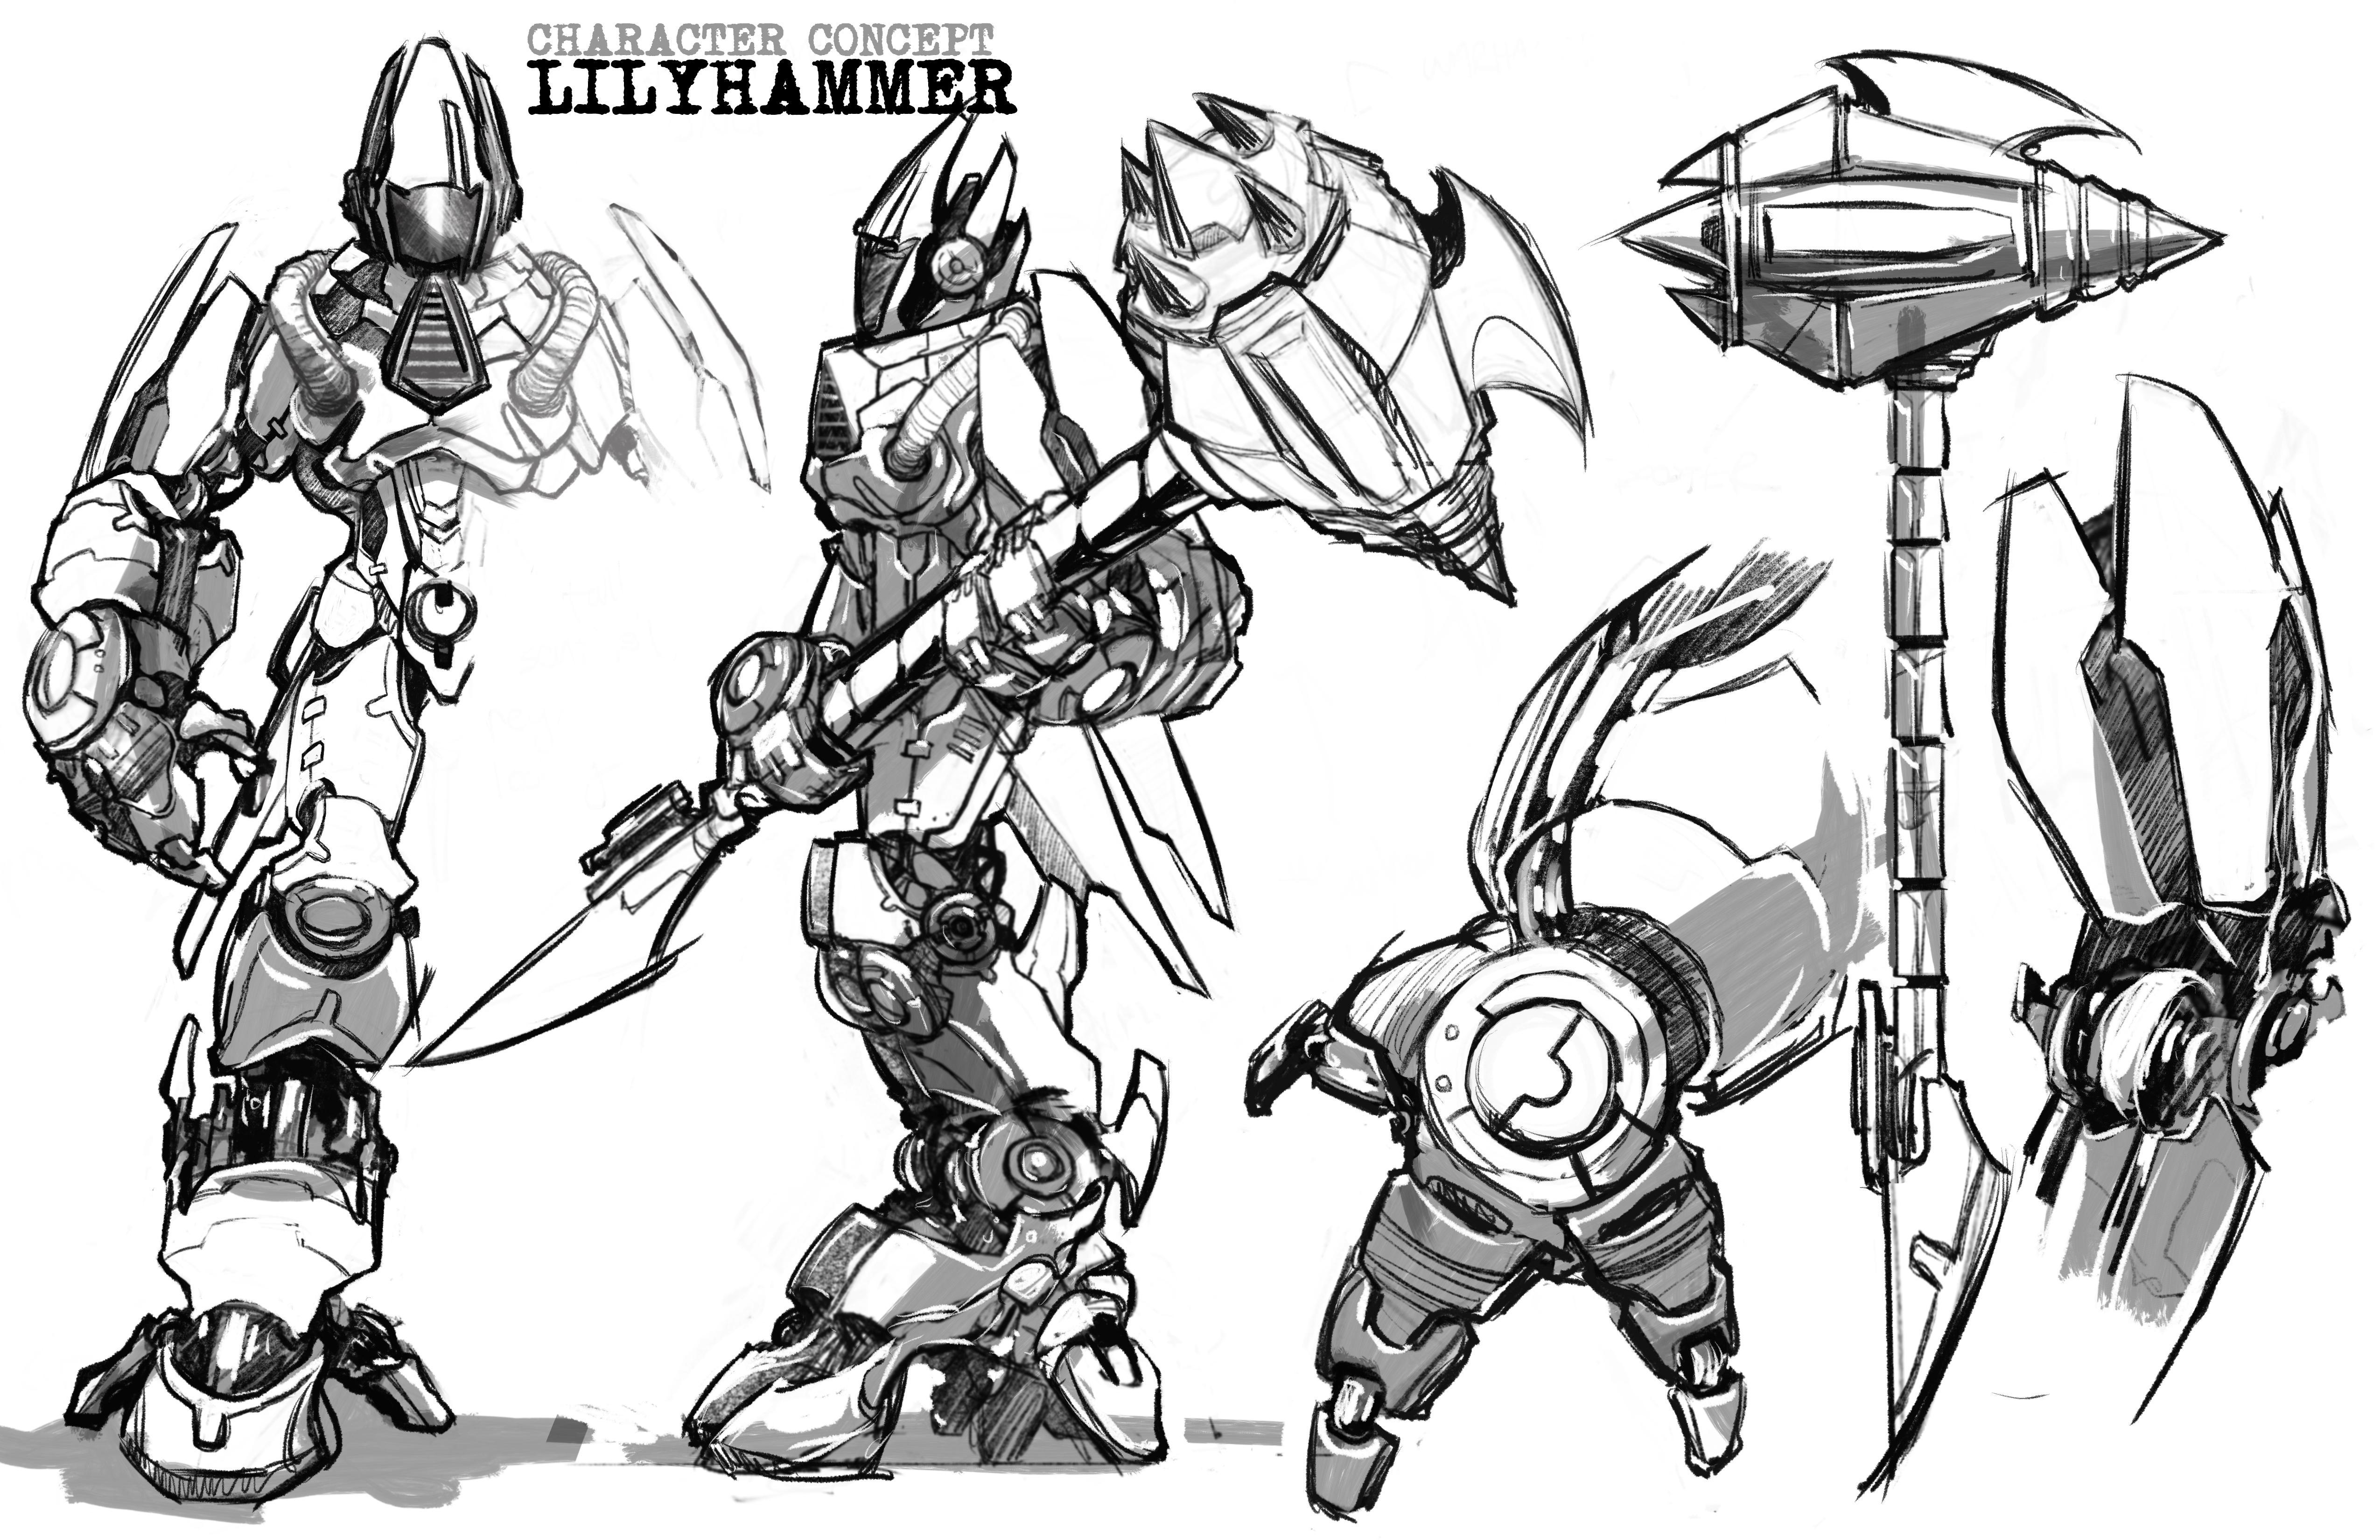 LilyHammer 2.0